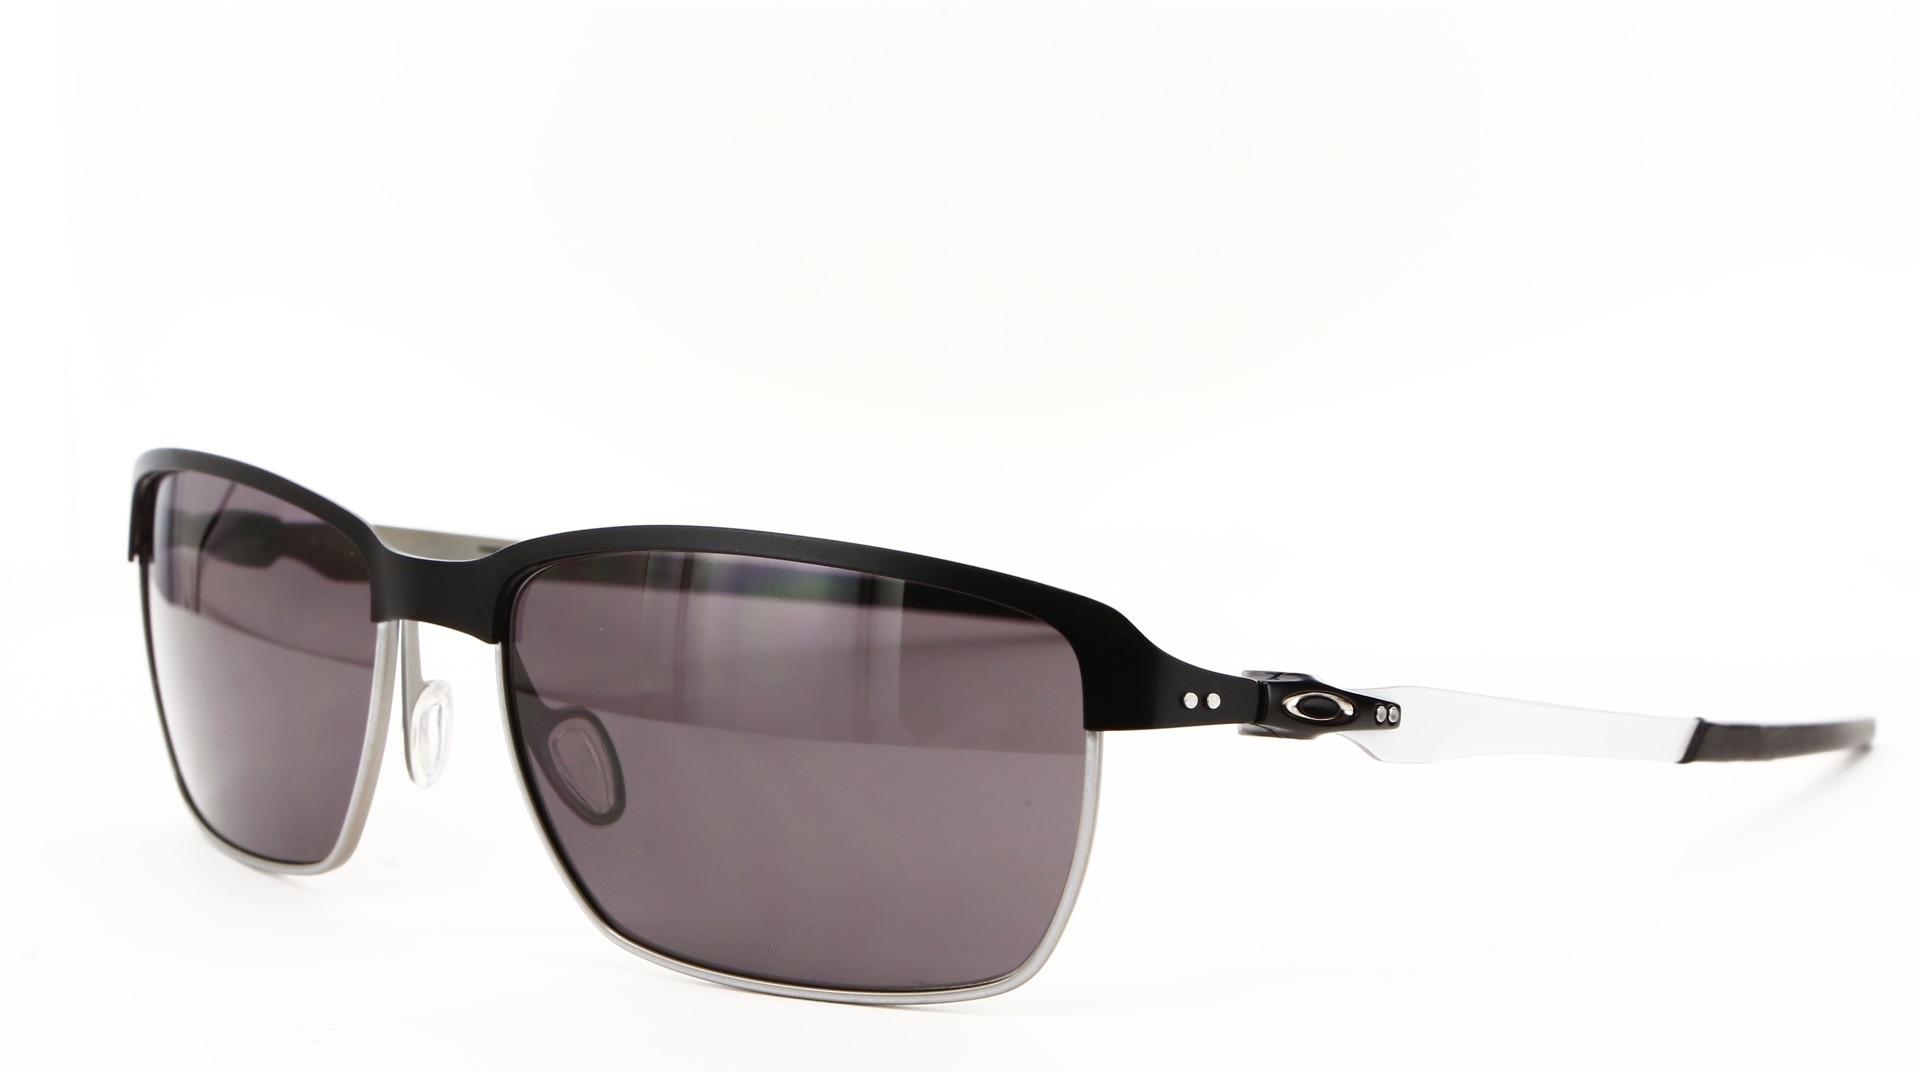 Oakley - ref: 71677